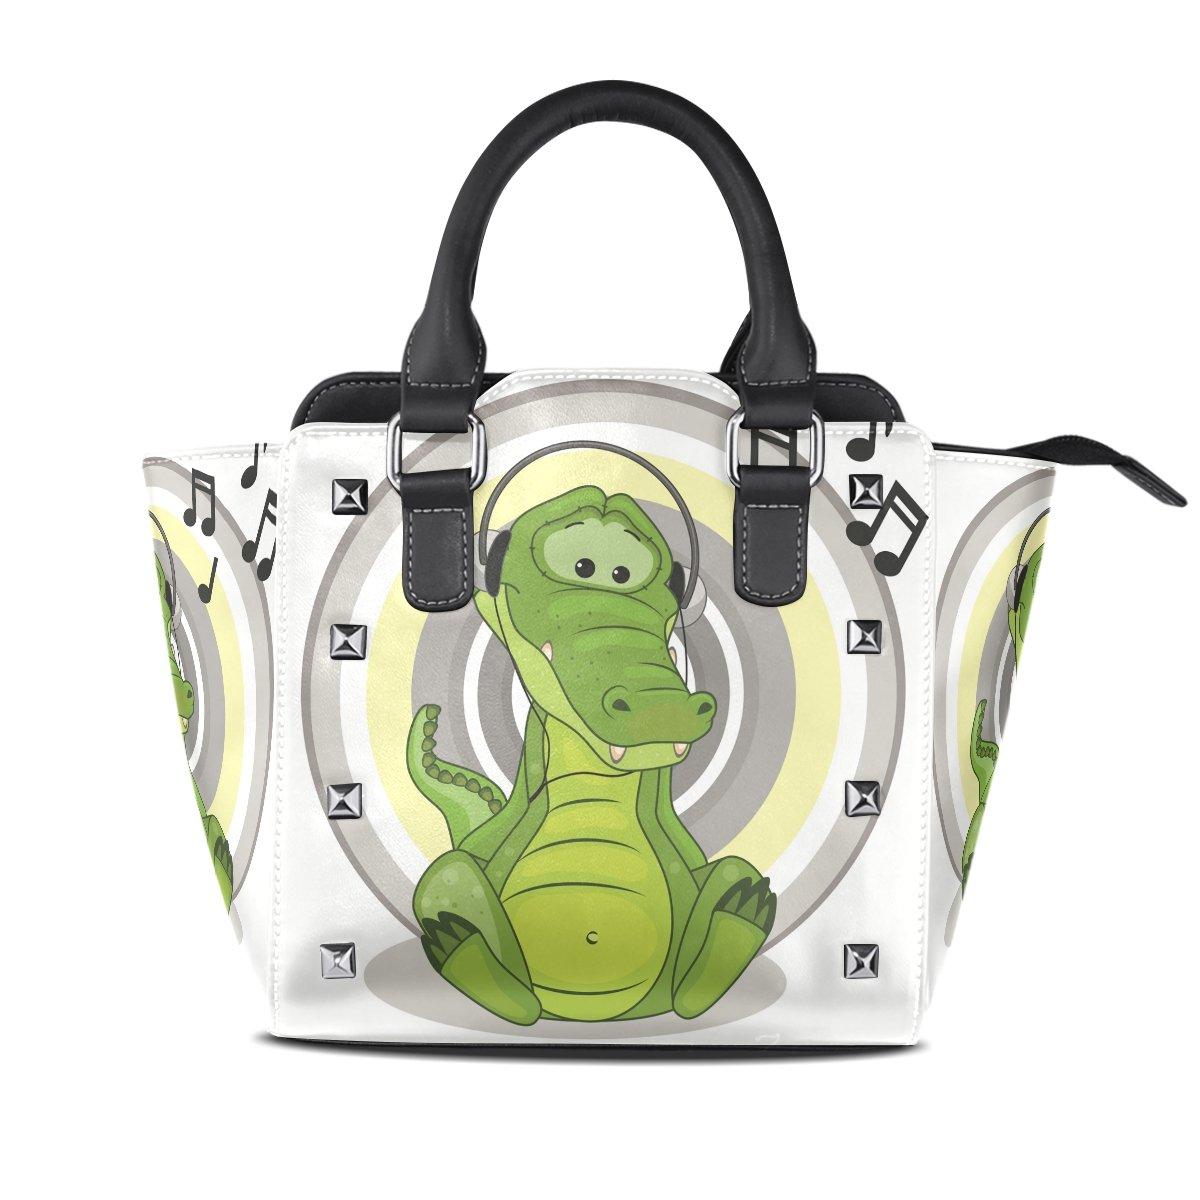 Ladies Genuine Leather Tote Bags Funy Crocodile Womens Hangbags Shoulder Bags